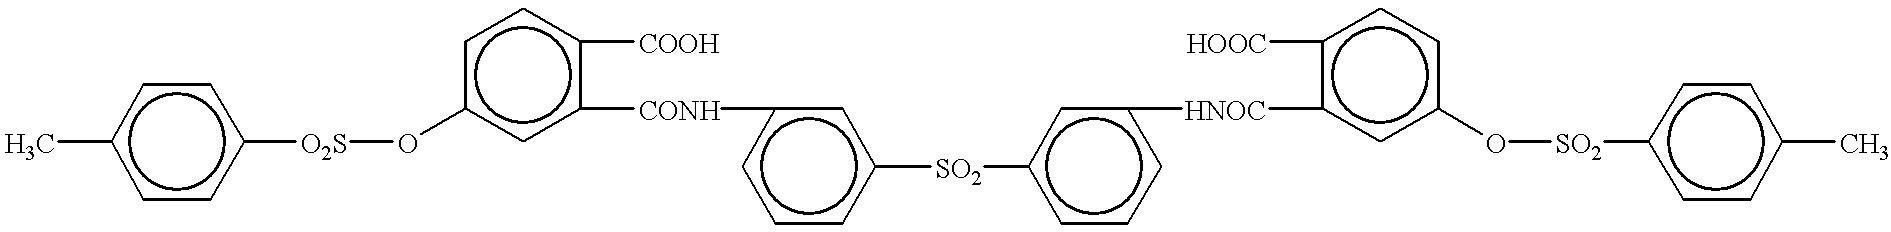 Figure US06180560-20010130-C00443